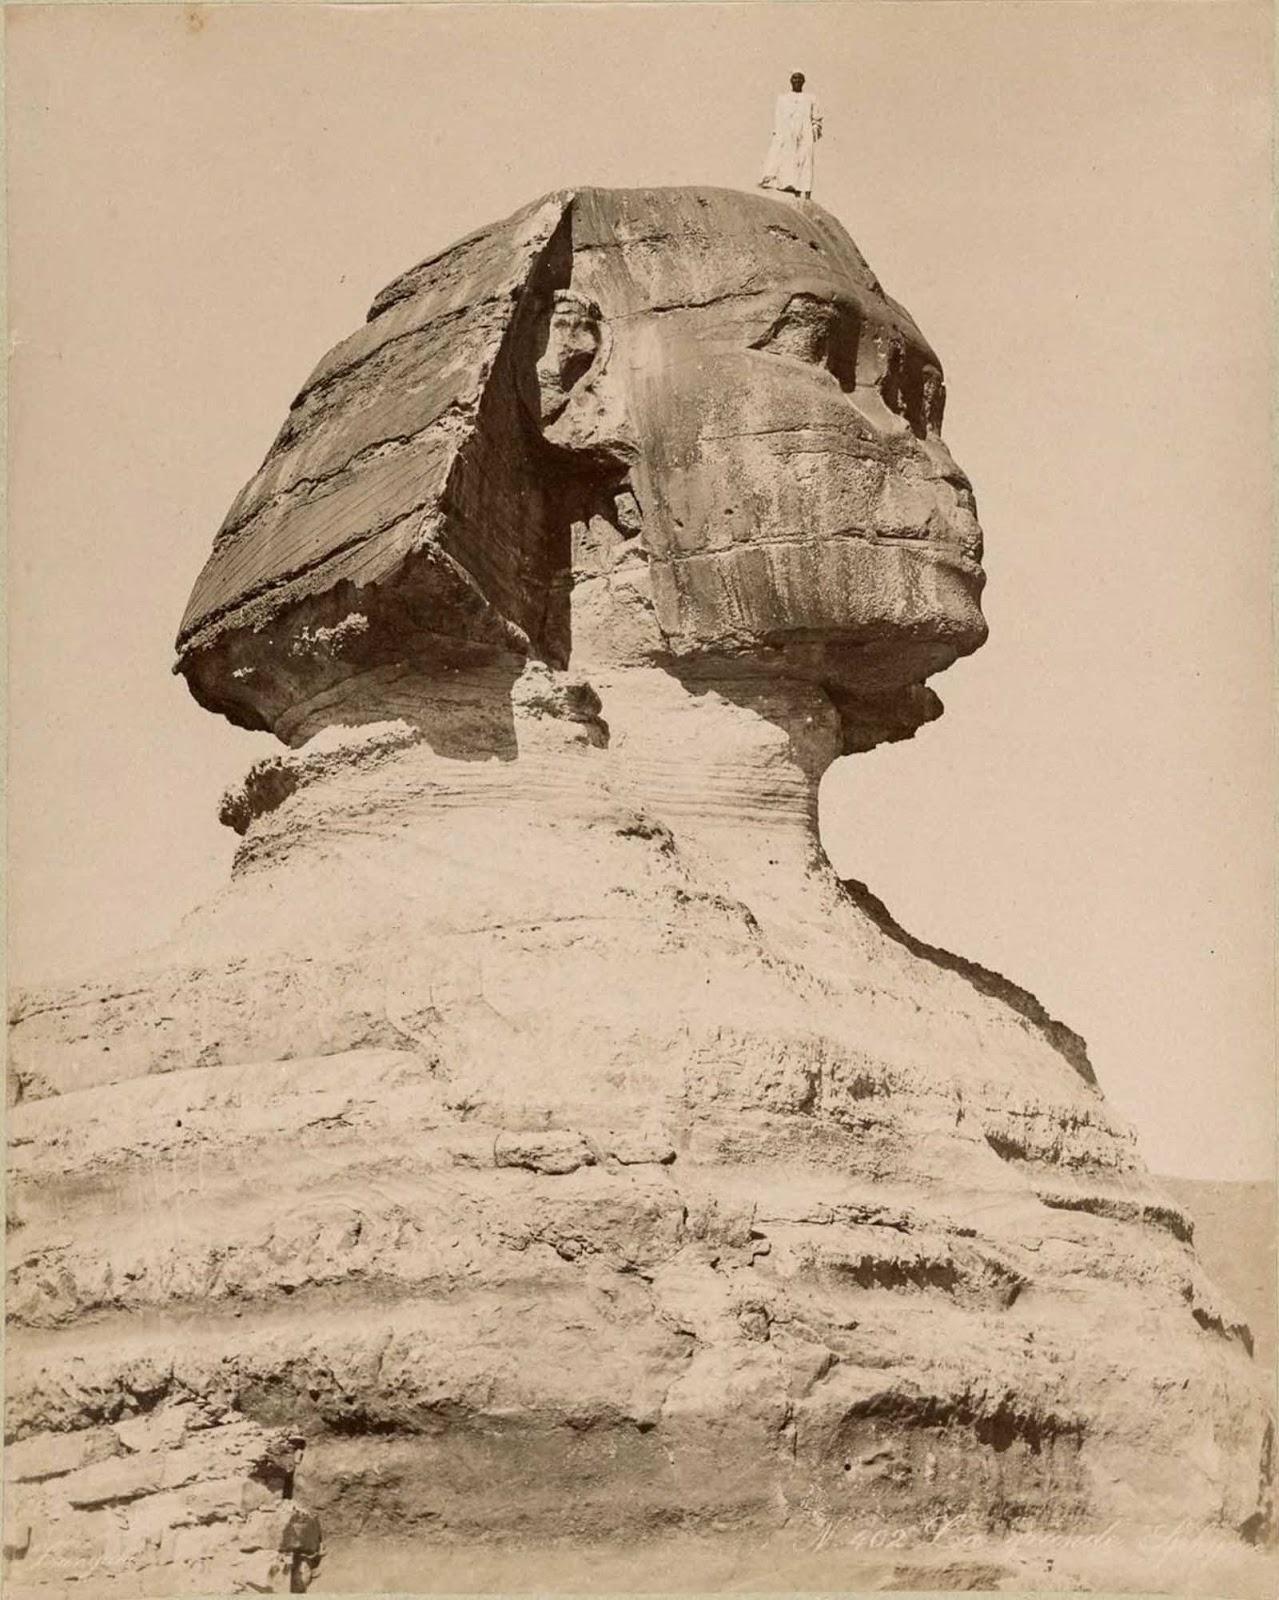 La Gran Esfinge de Giza.